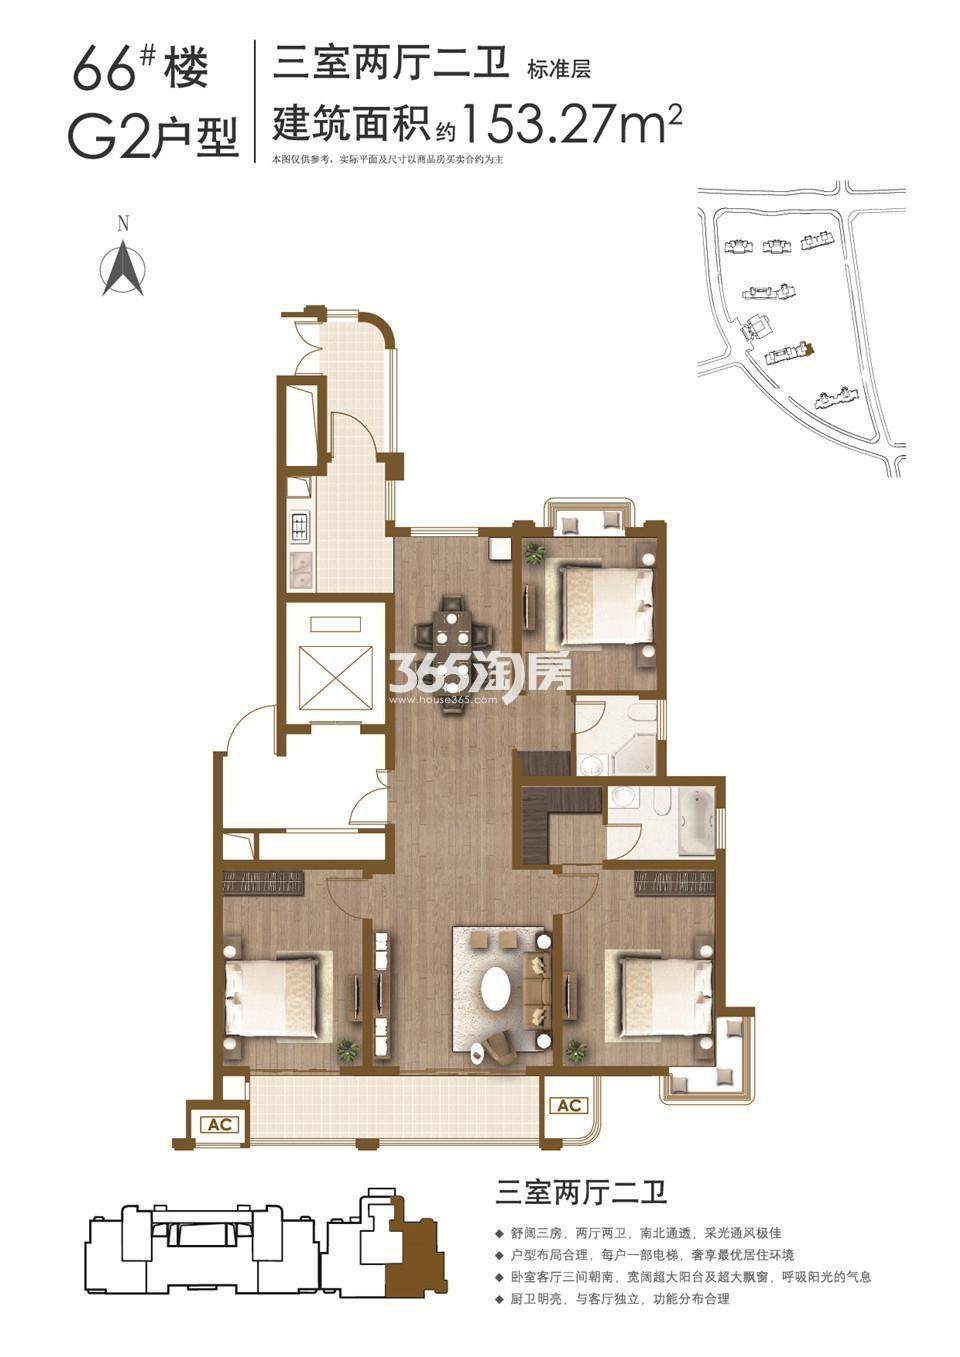 G2户型3室2厅2卫1厨 153.27㎡